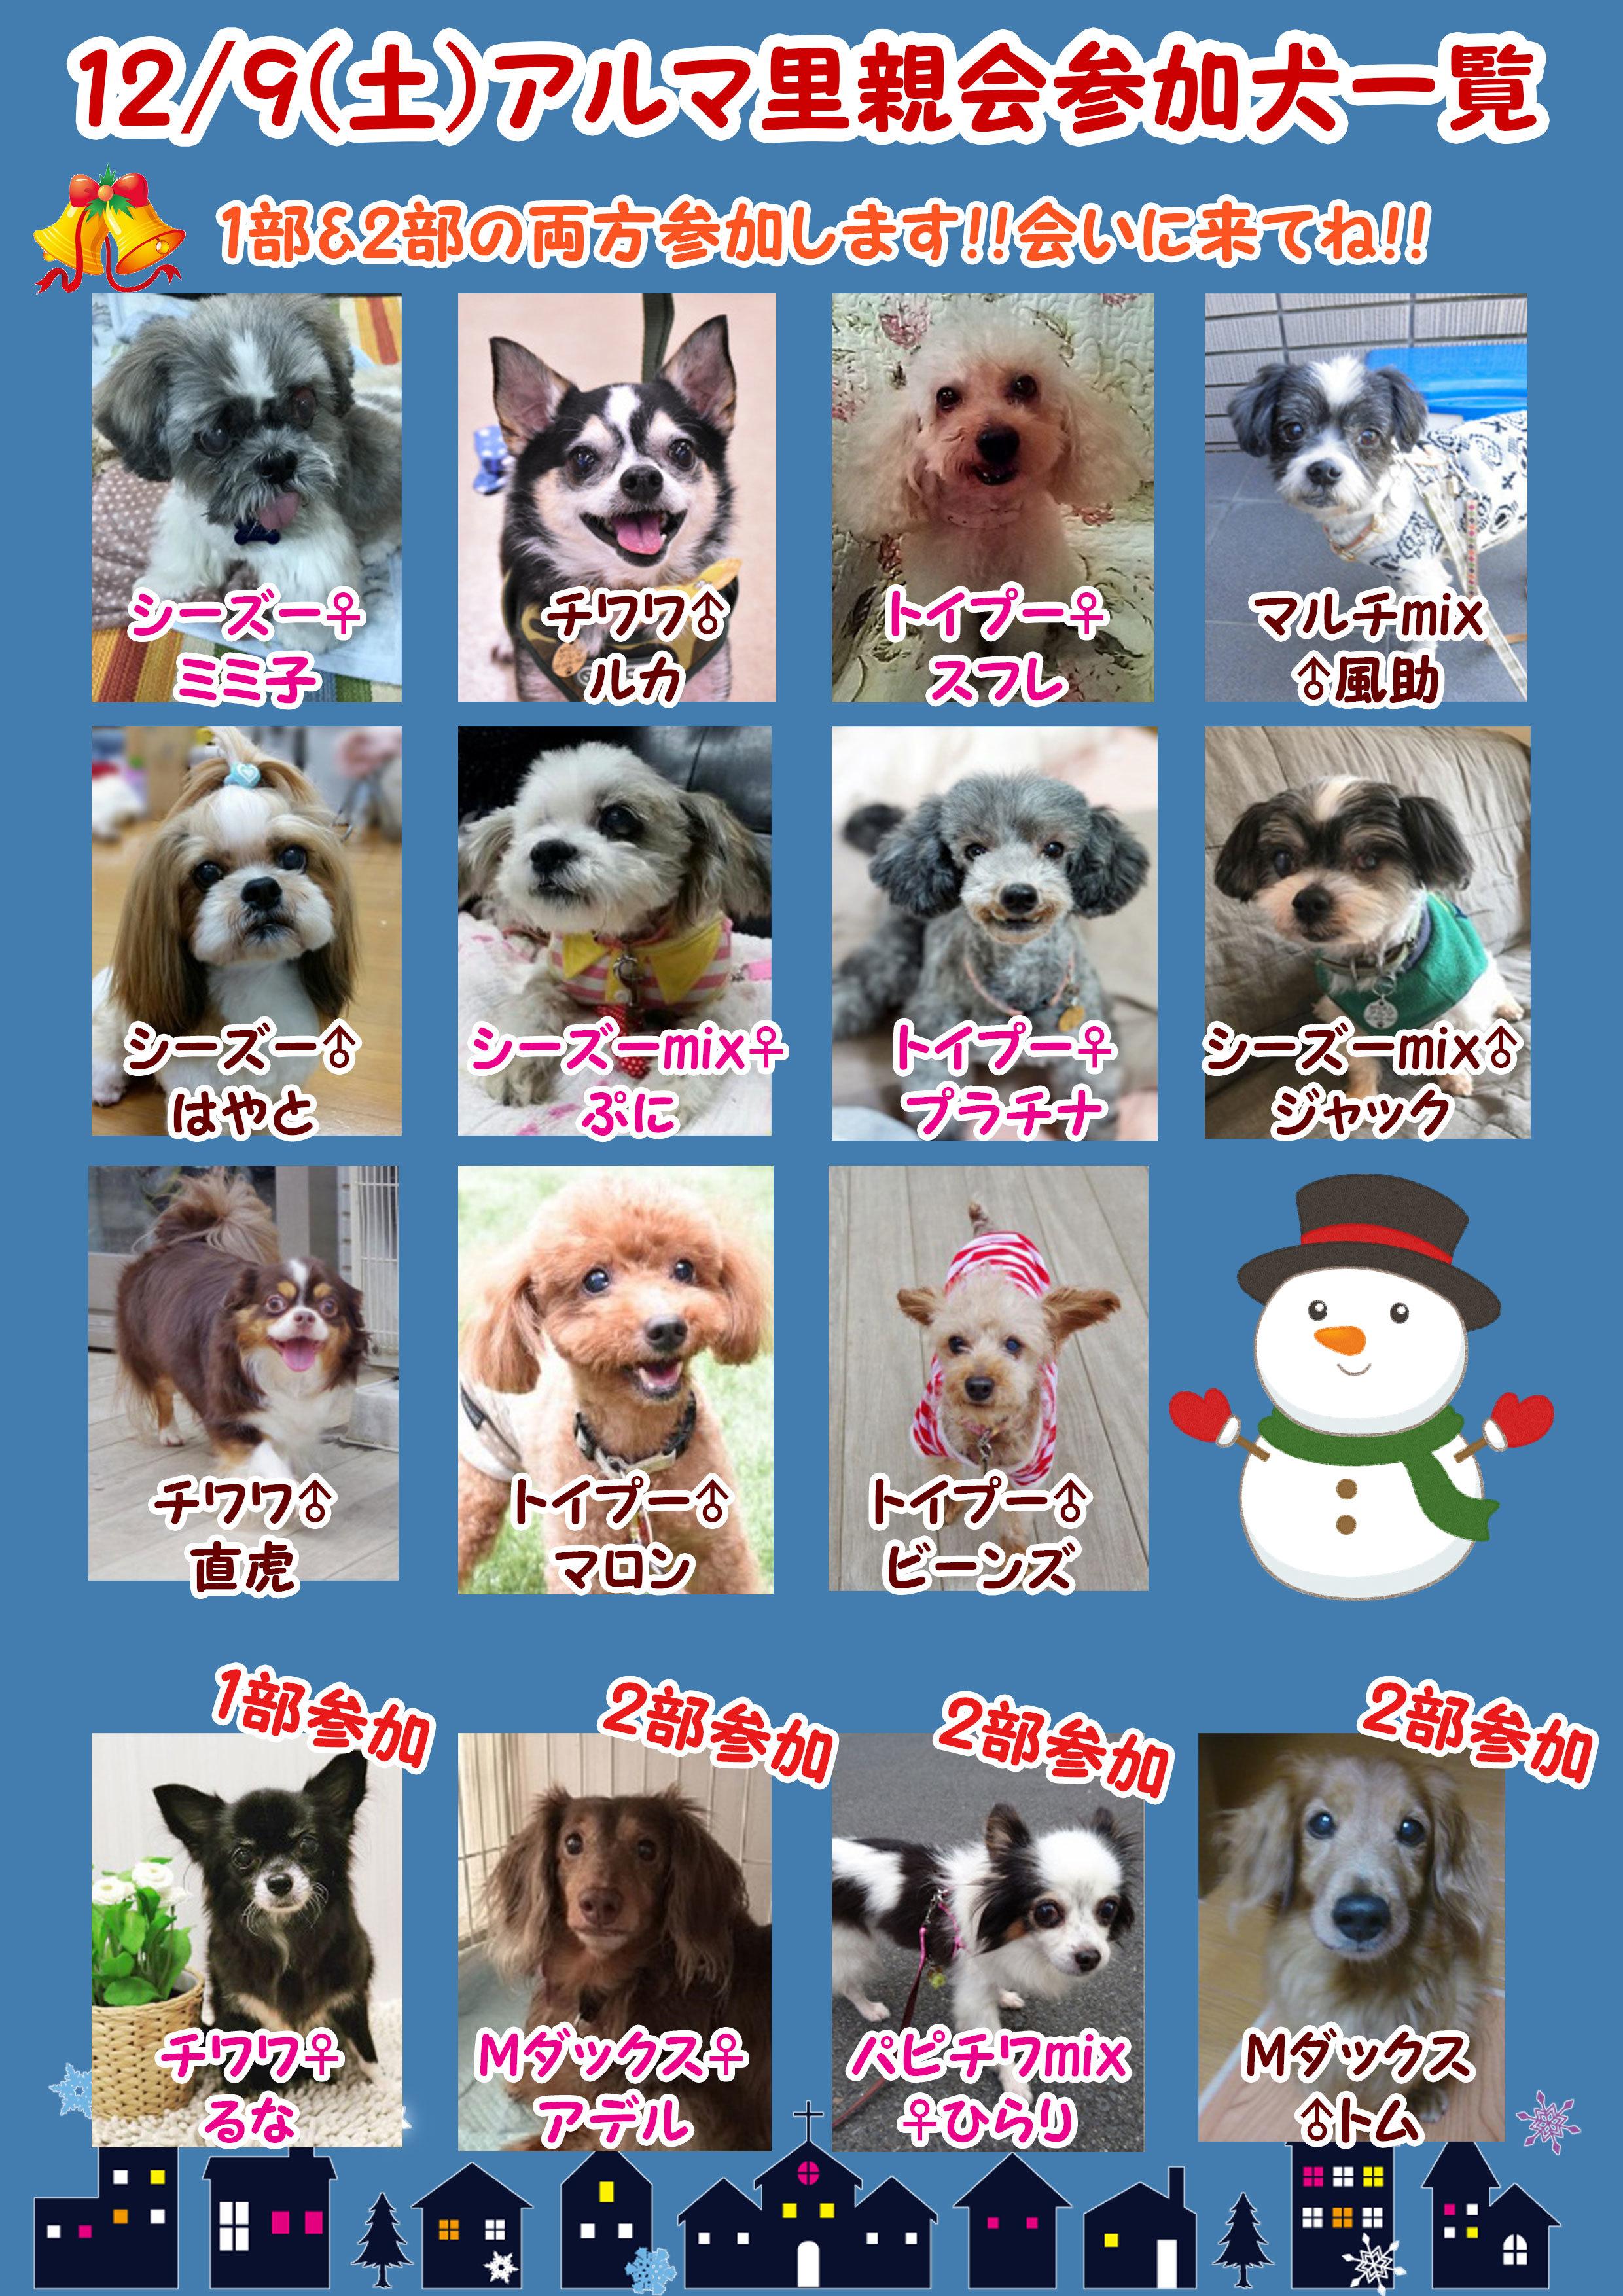 poster2_20171203194605967.jpg